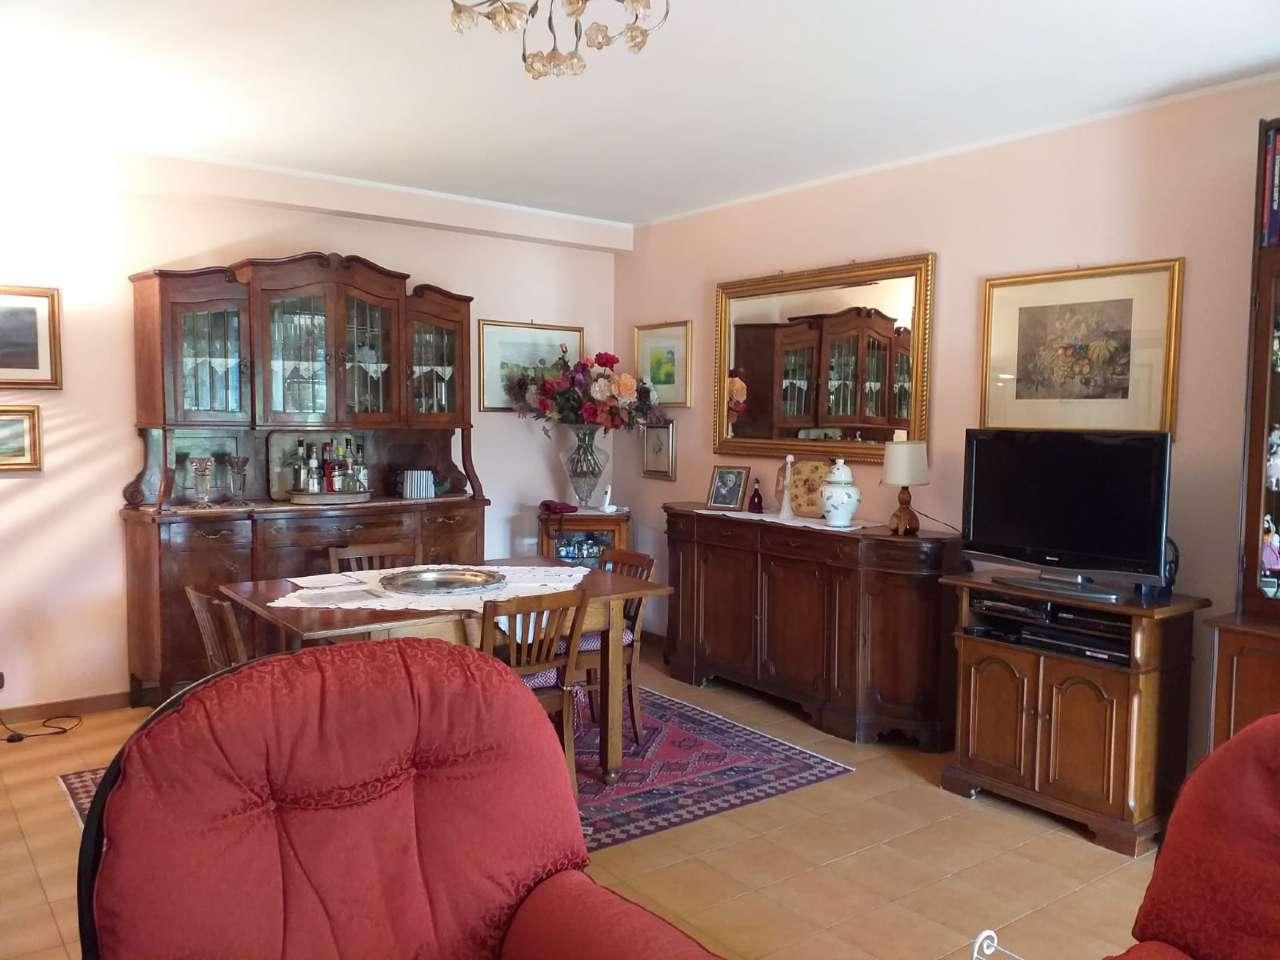 Appartamento in vendita 3 vani 120 mq.  via arta terme 50 Roma